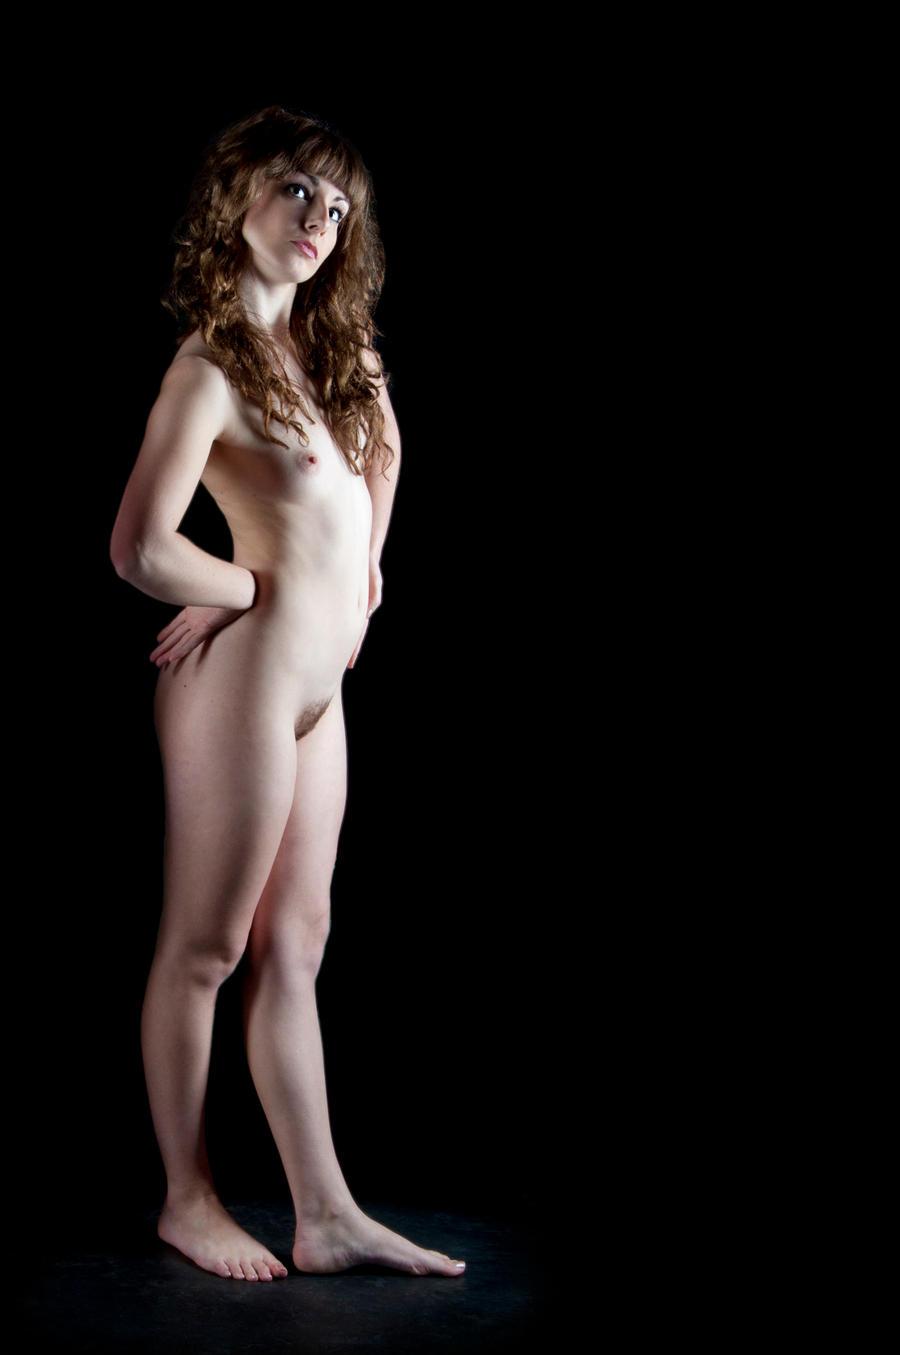 Naturalist versus nudist